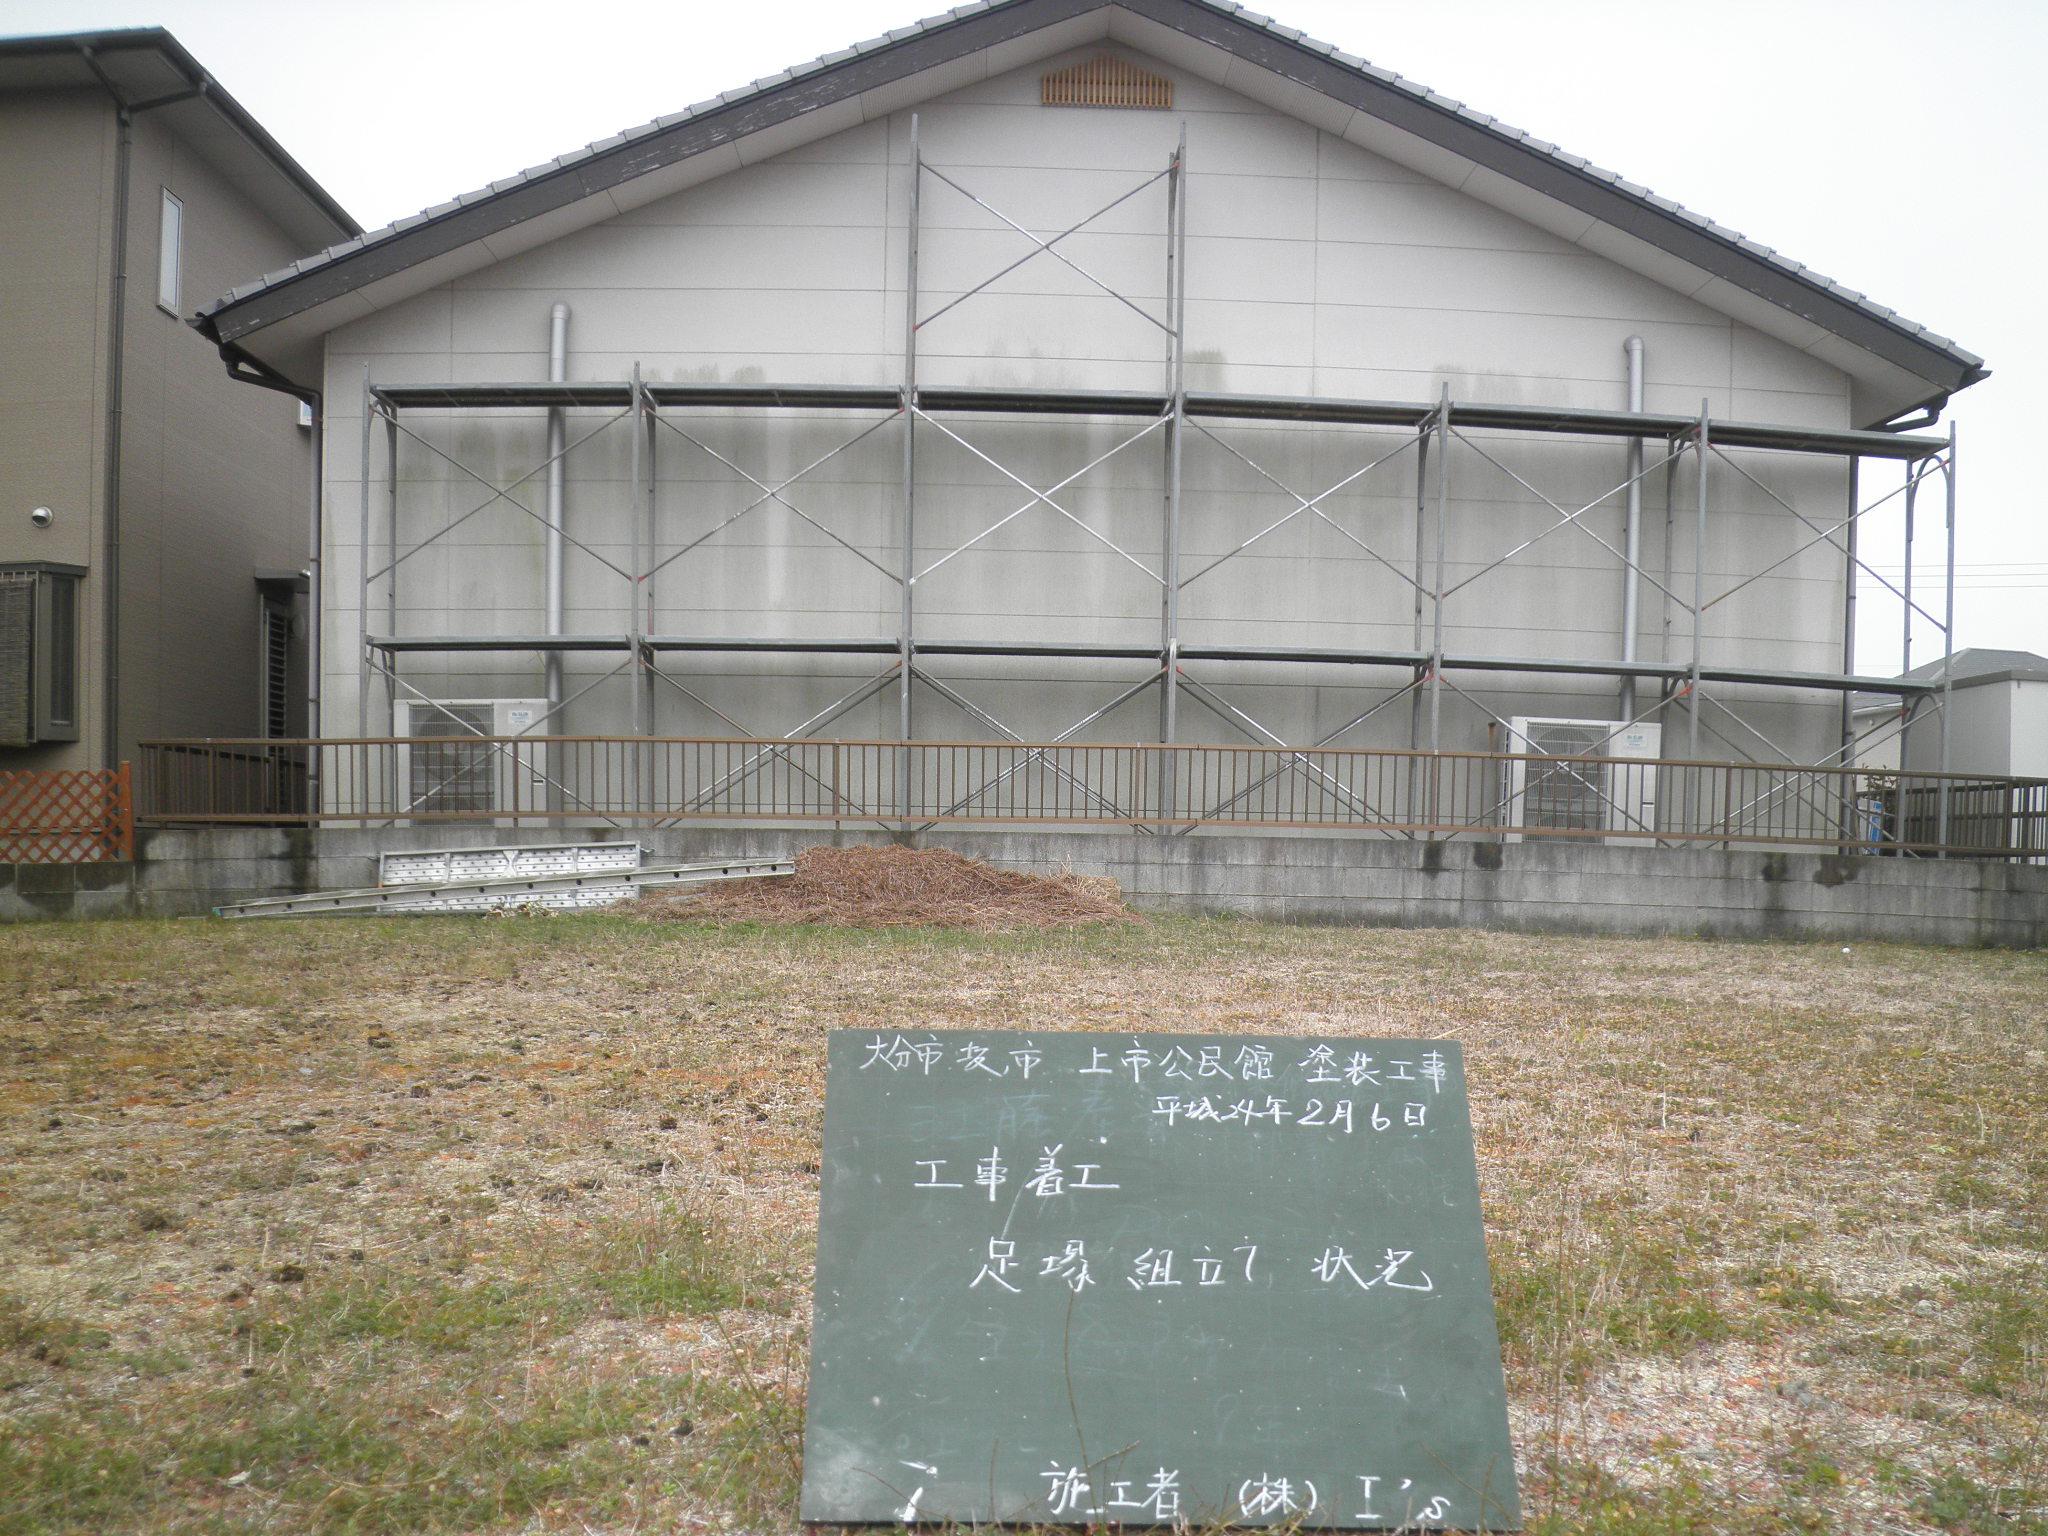 大分市坂ノ市公民館外壁カビ落とし、塗装工事